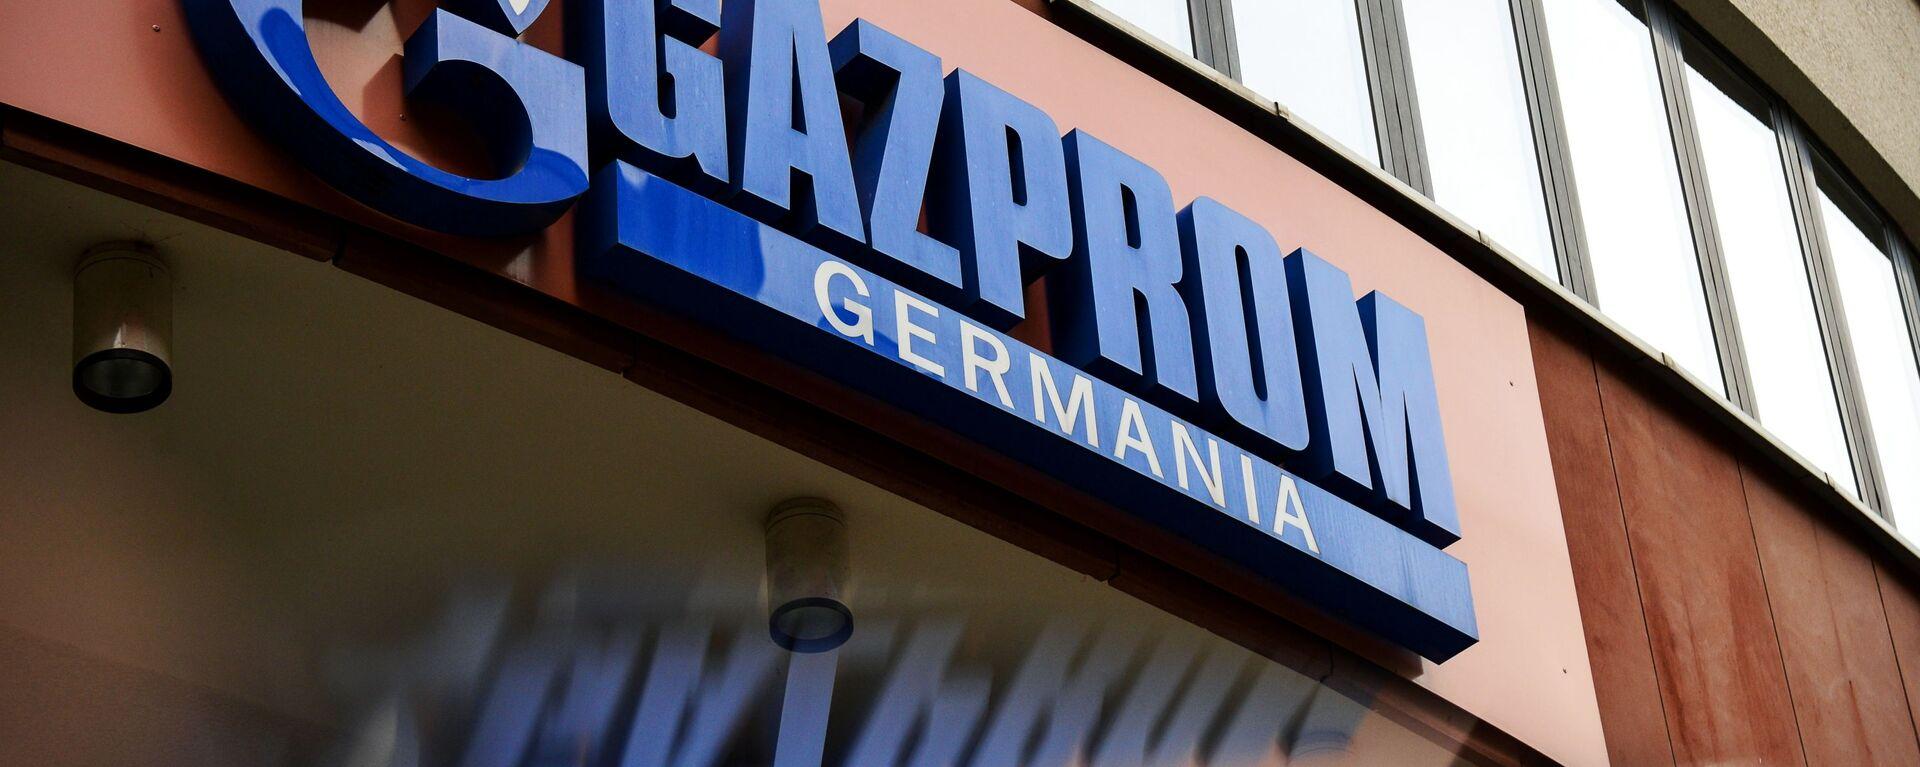 Gazprom - Sputnik Česká republika, 1920, 08.03.2021